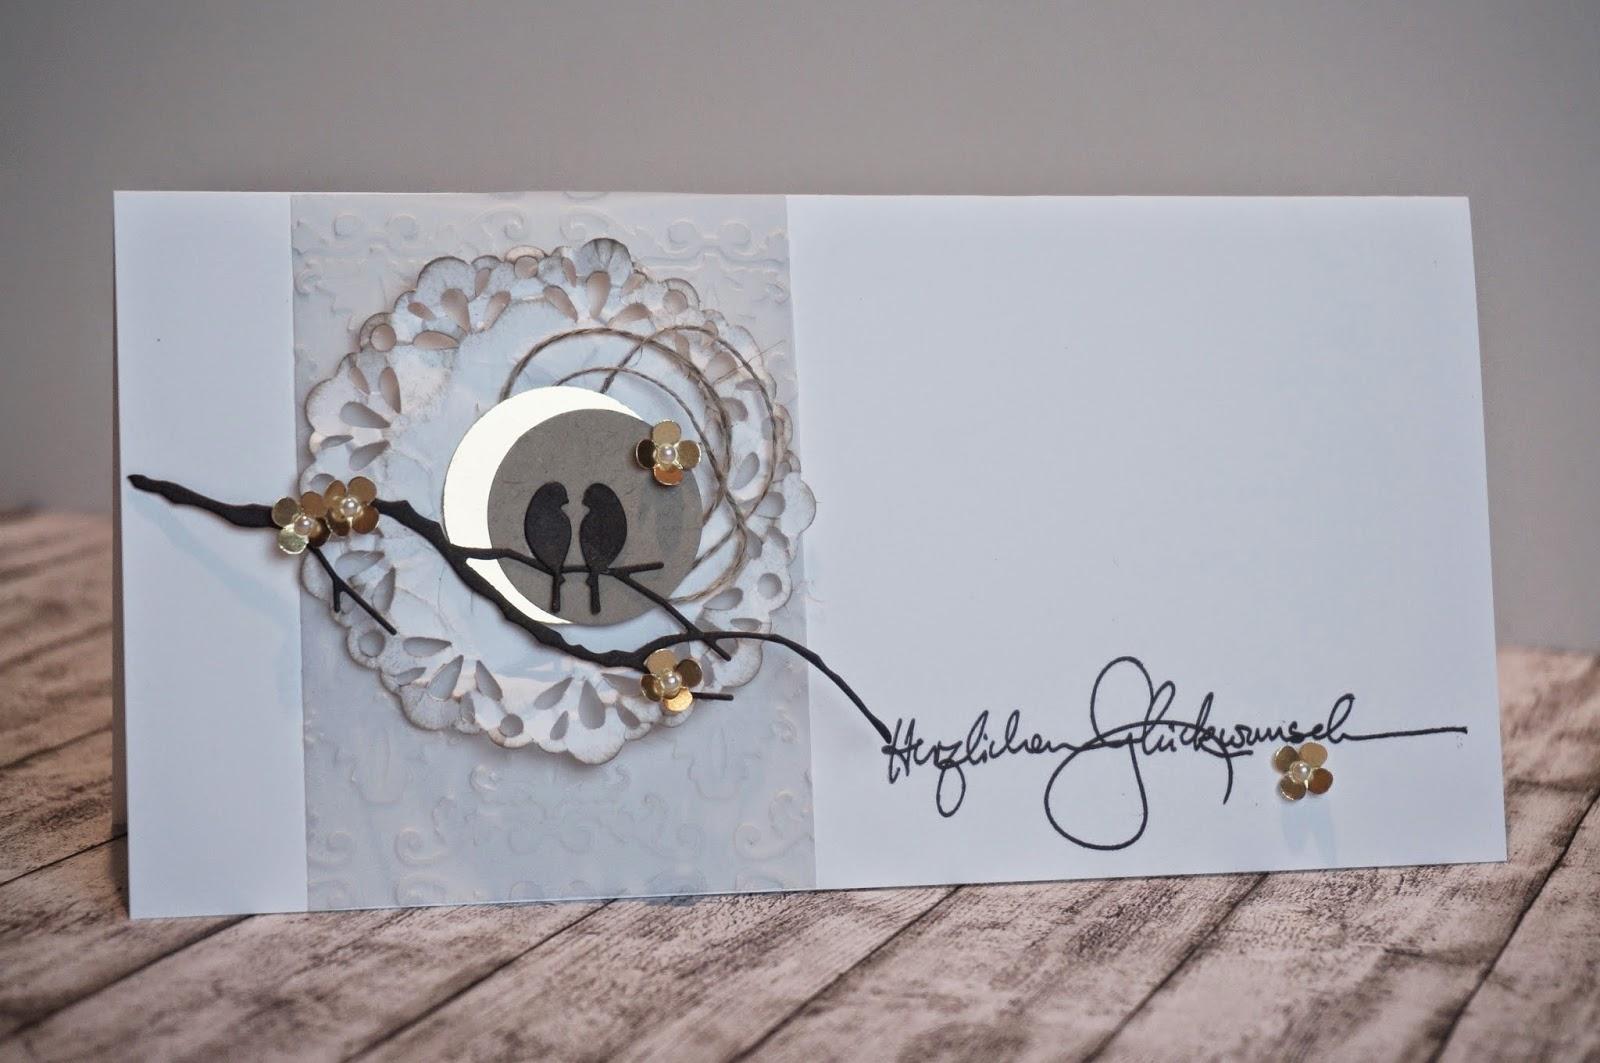 gallerphot irische segensw nsche zur goldenen hochzeit. Black Bedroom Furniture Sets. Home Design Ideas